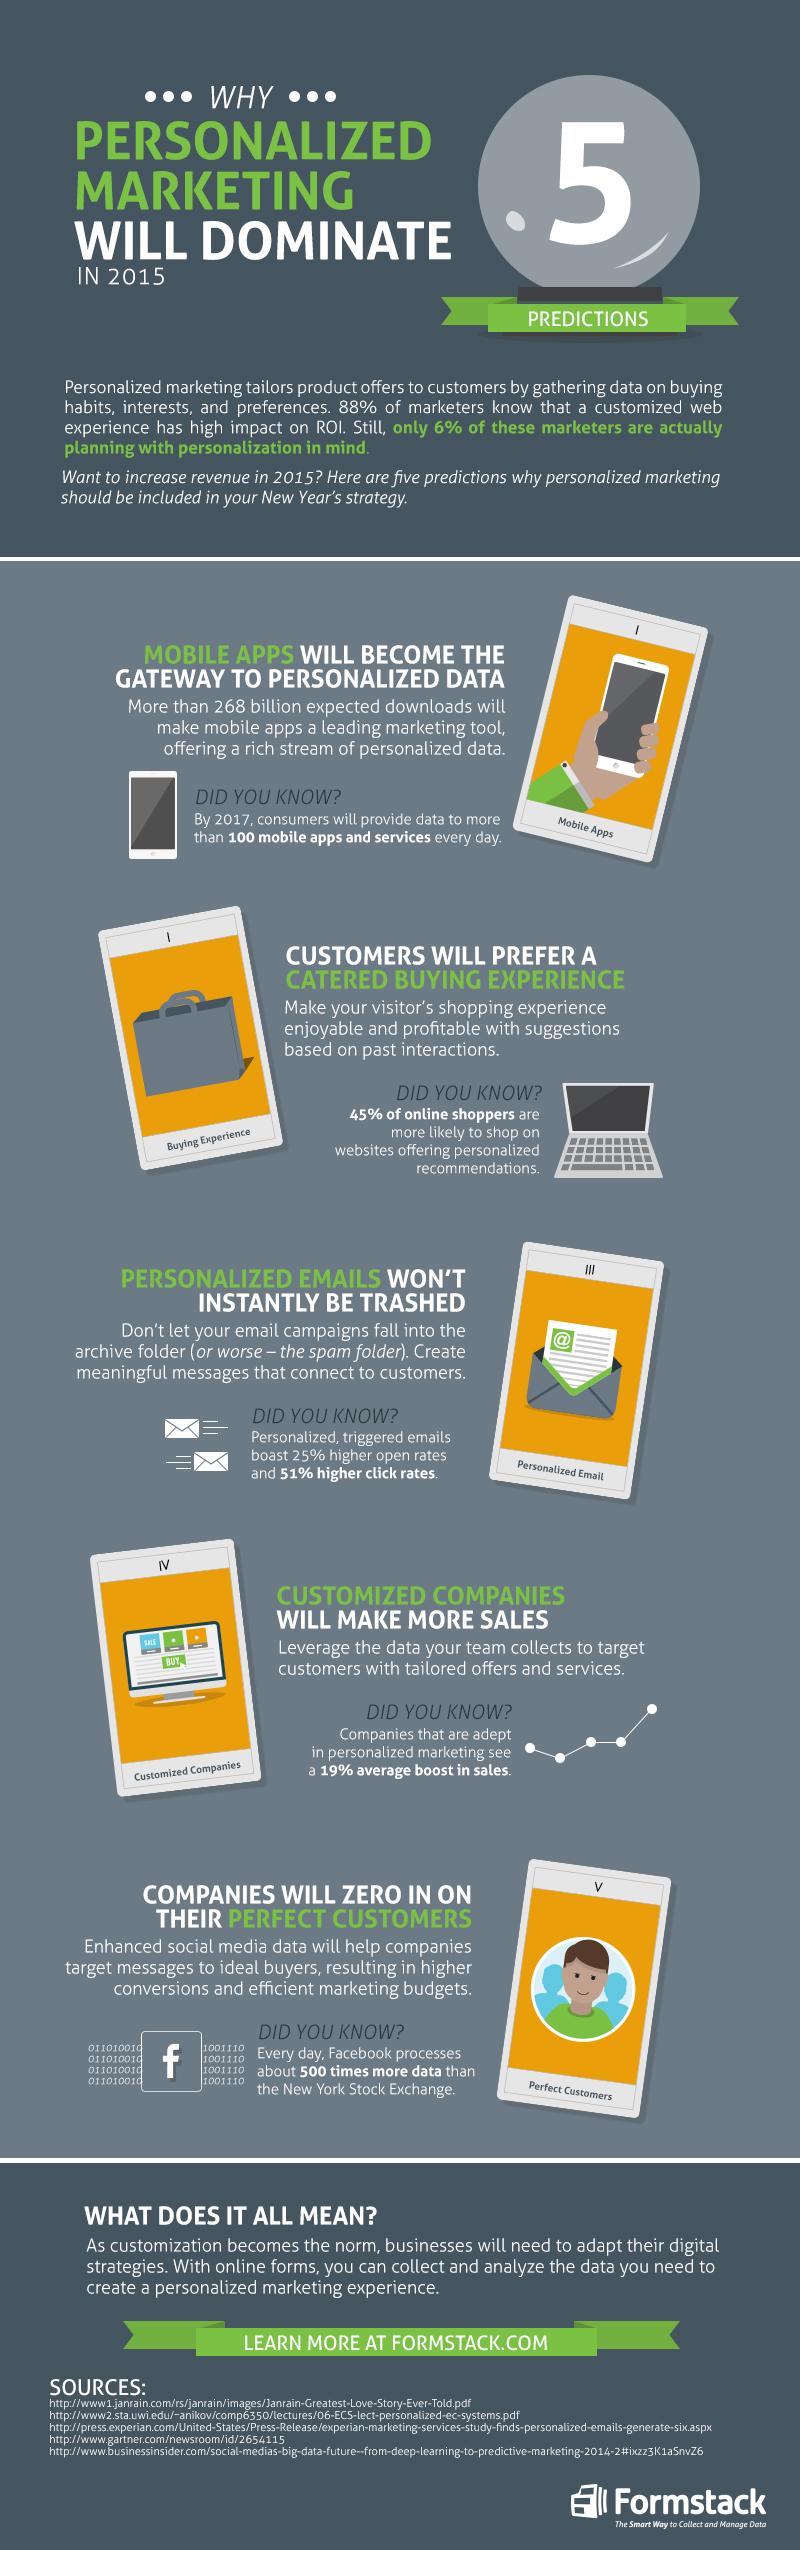 El marketing personalizado dominará en 2015